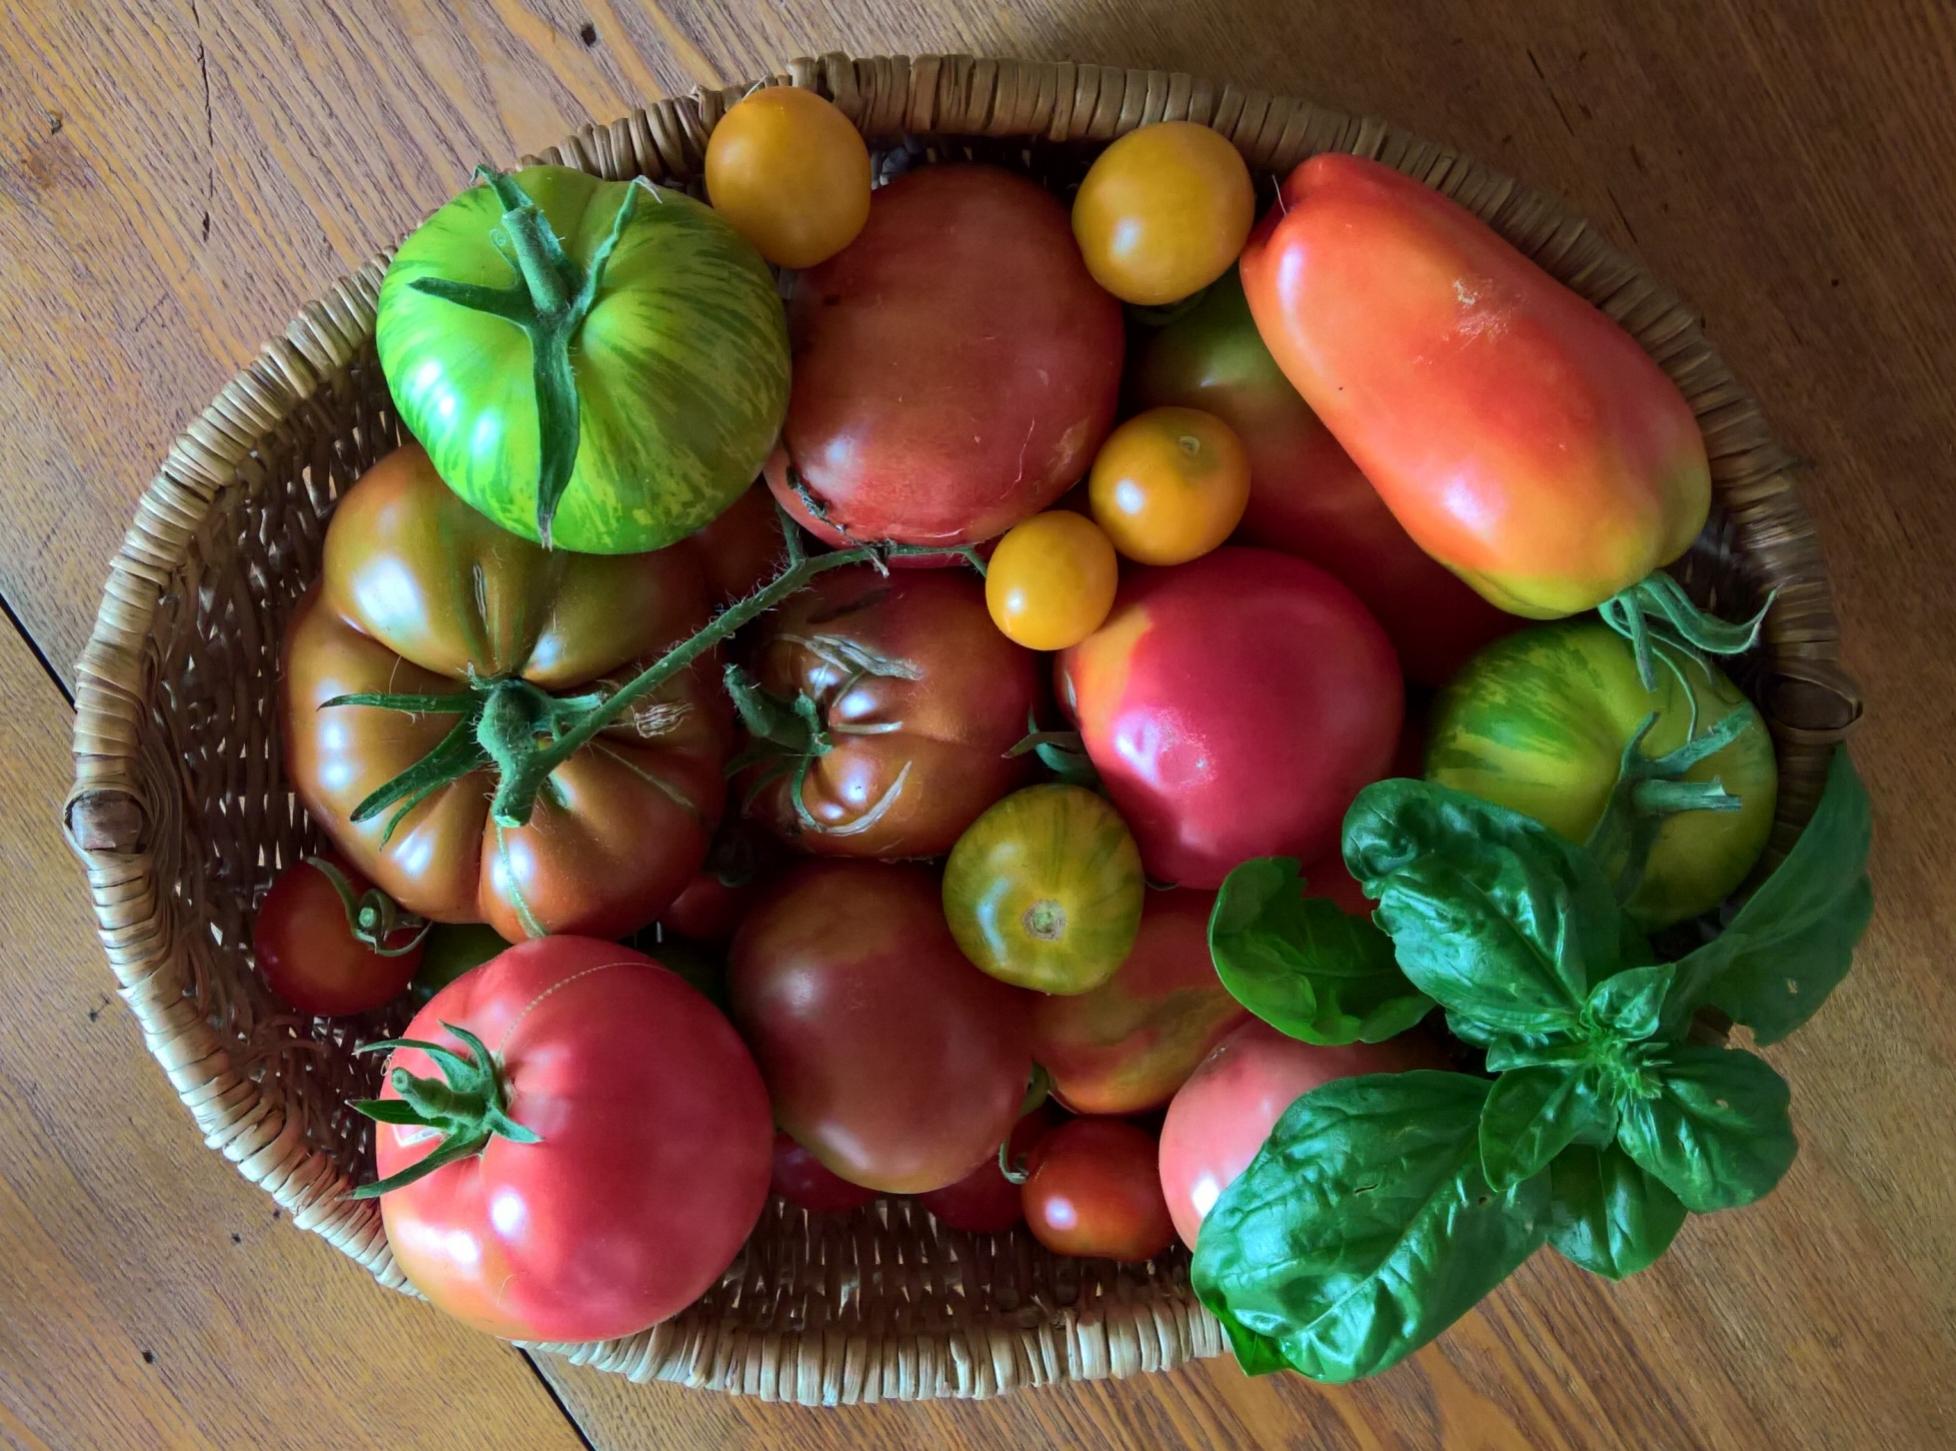 Reiche und bunte Tomatenernte